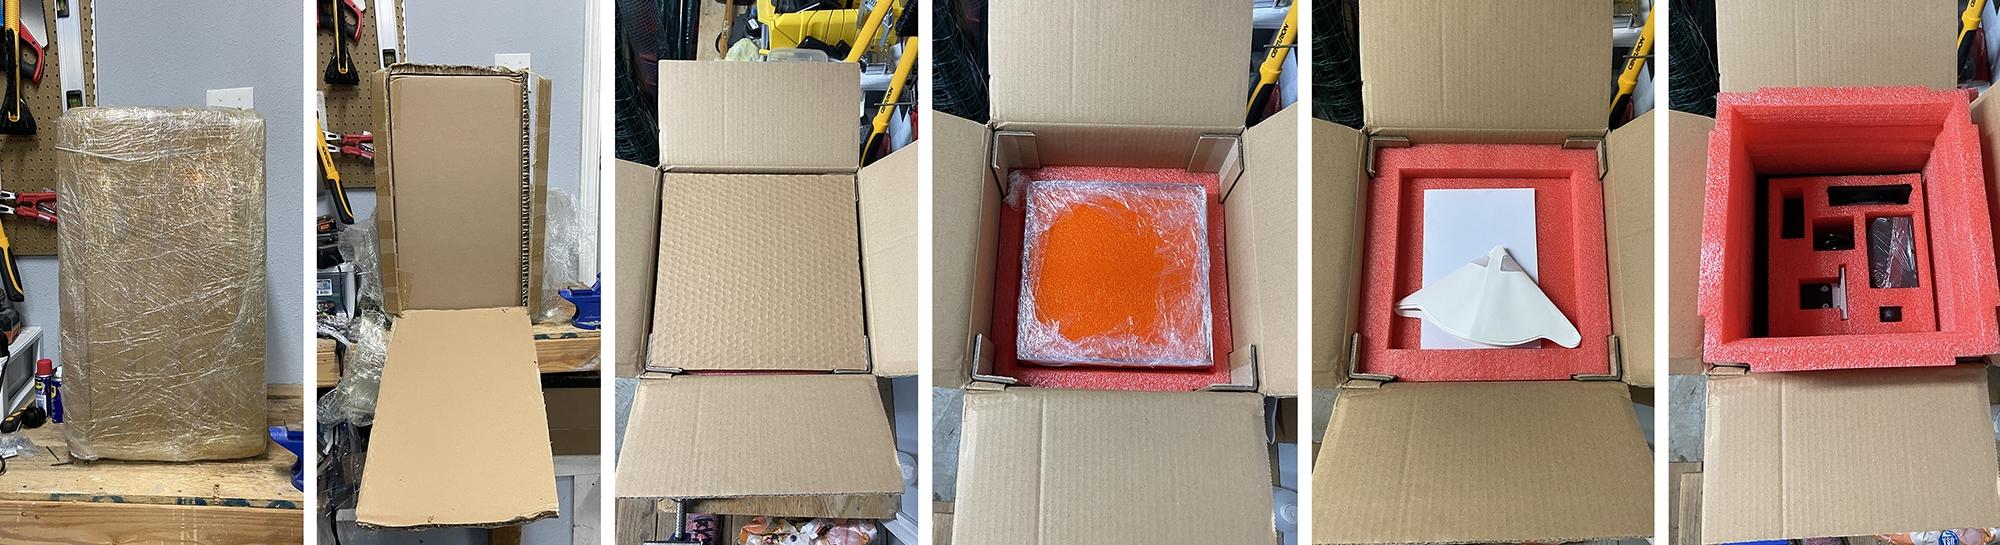 3D Printer Review: The Orange 4K LED DLP 3D Printer from Longer 3D